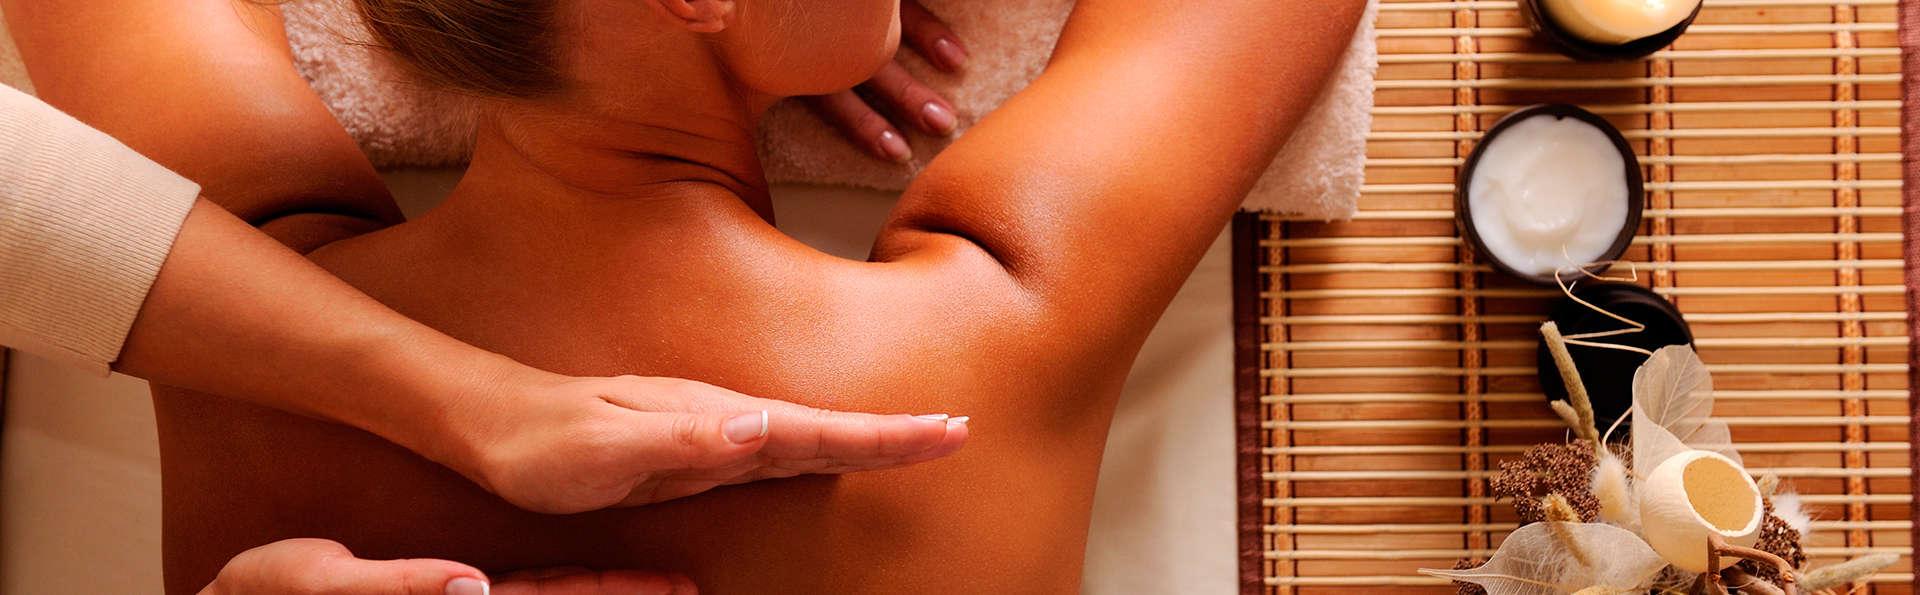 Escale bien-être avec massage à Saint-Aygulf